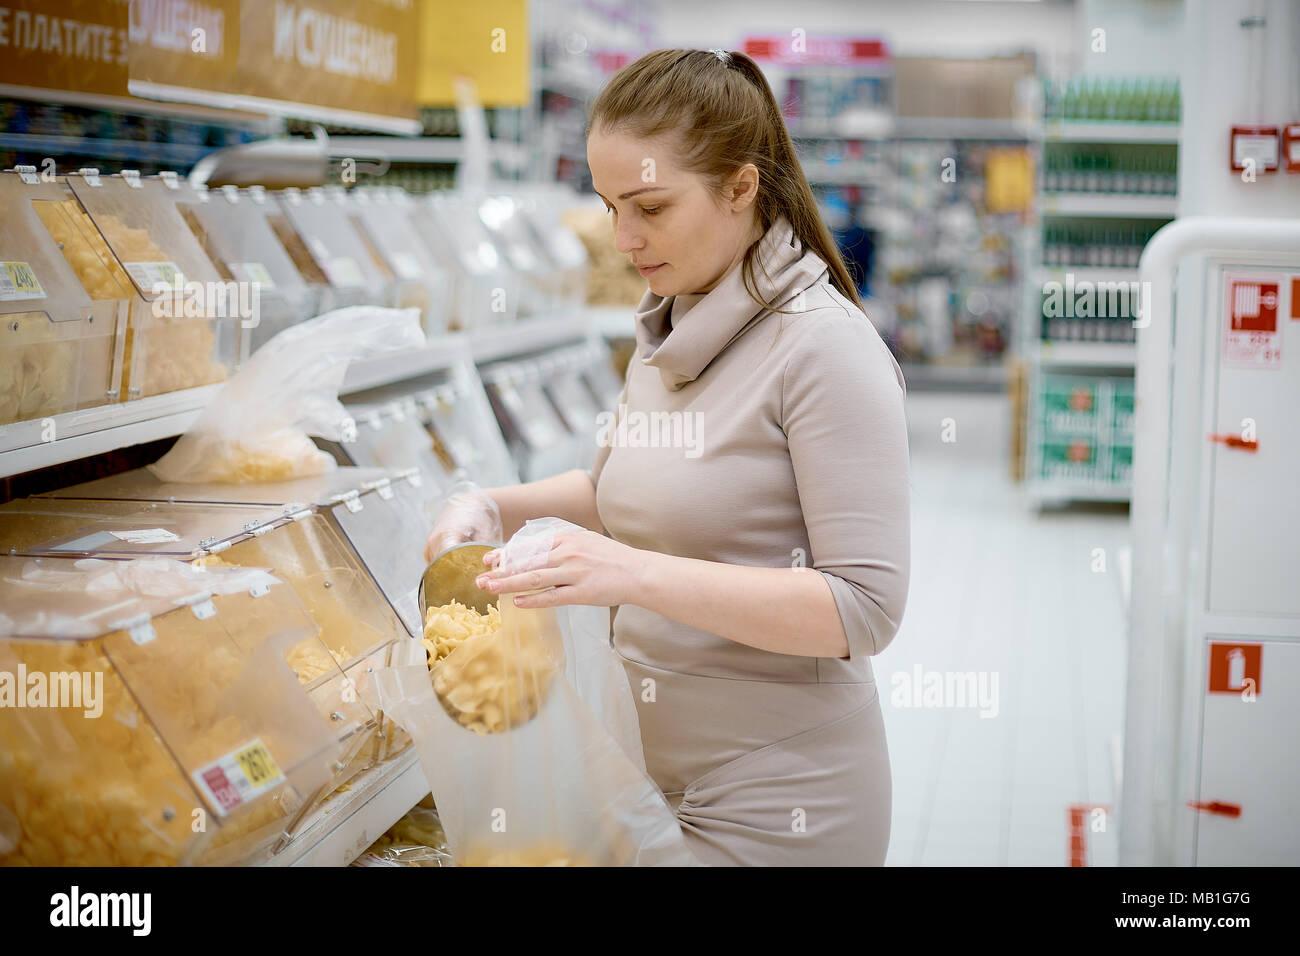 Junge schöne Frau kauft Chips auf Gewicht im Lebensmittelgeschäft Supermarkt Stockbild